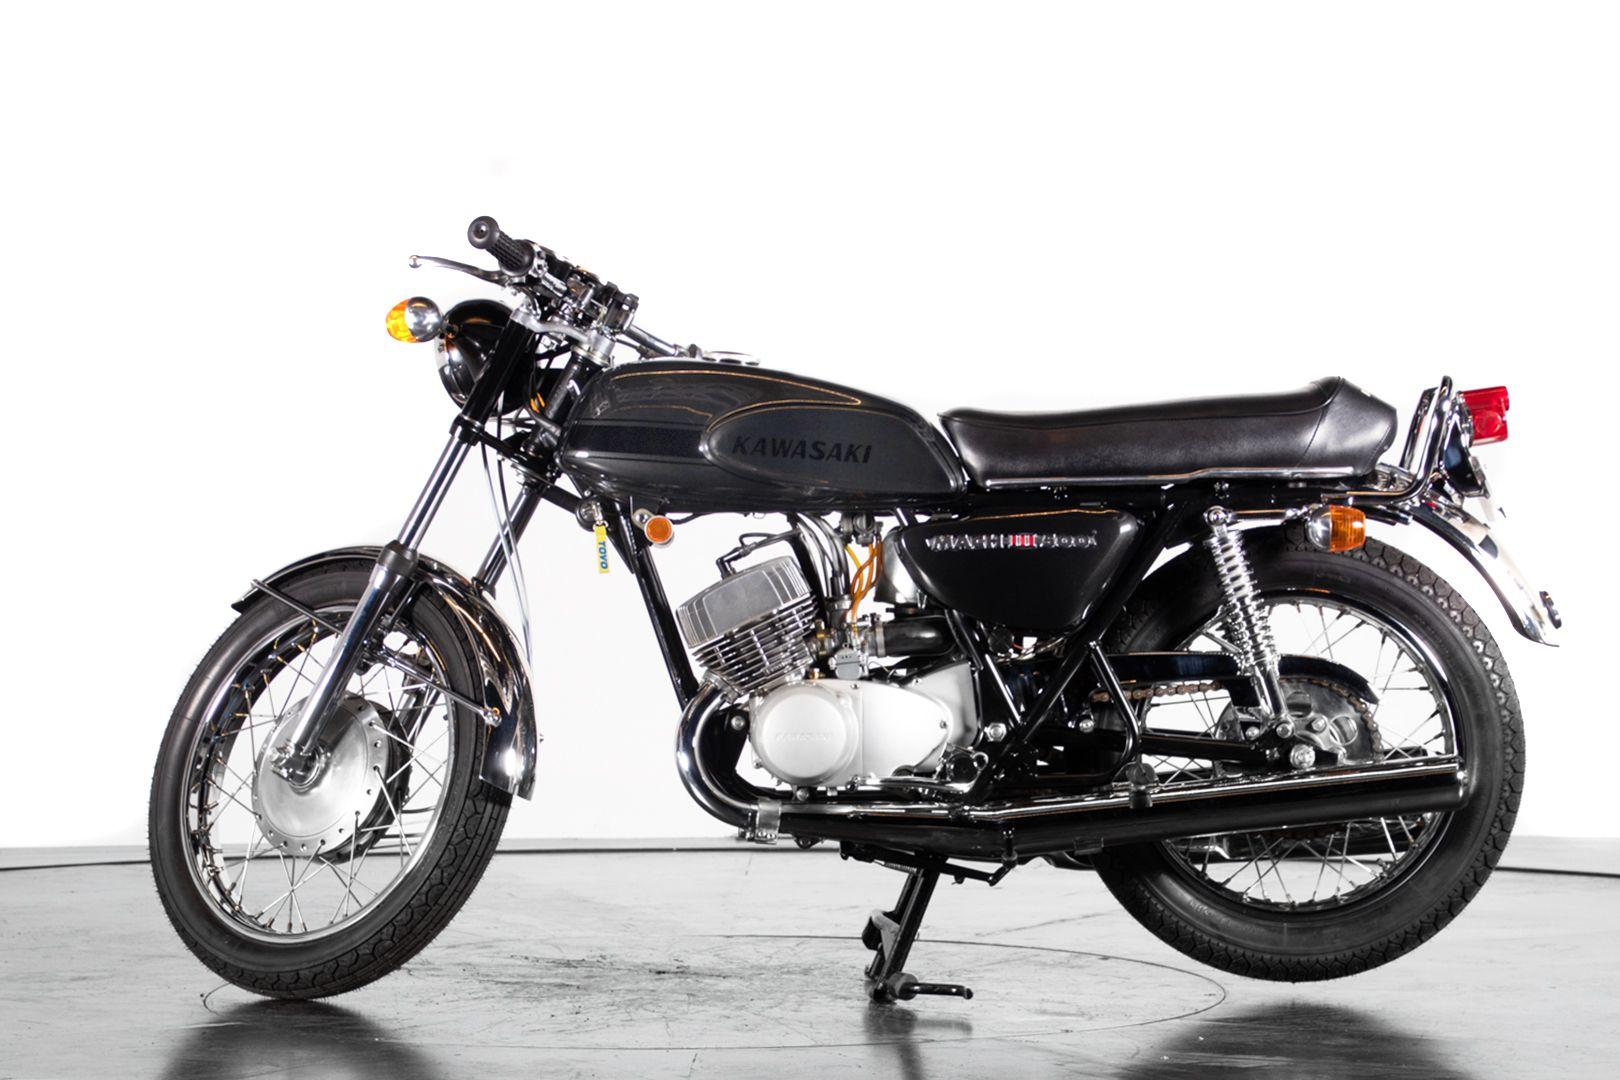 1970 Kawasaki 500 H1 44377